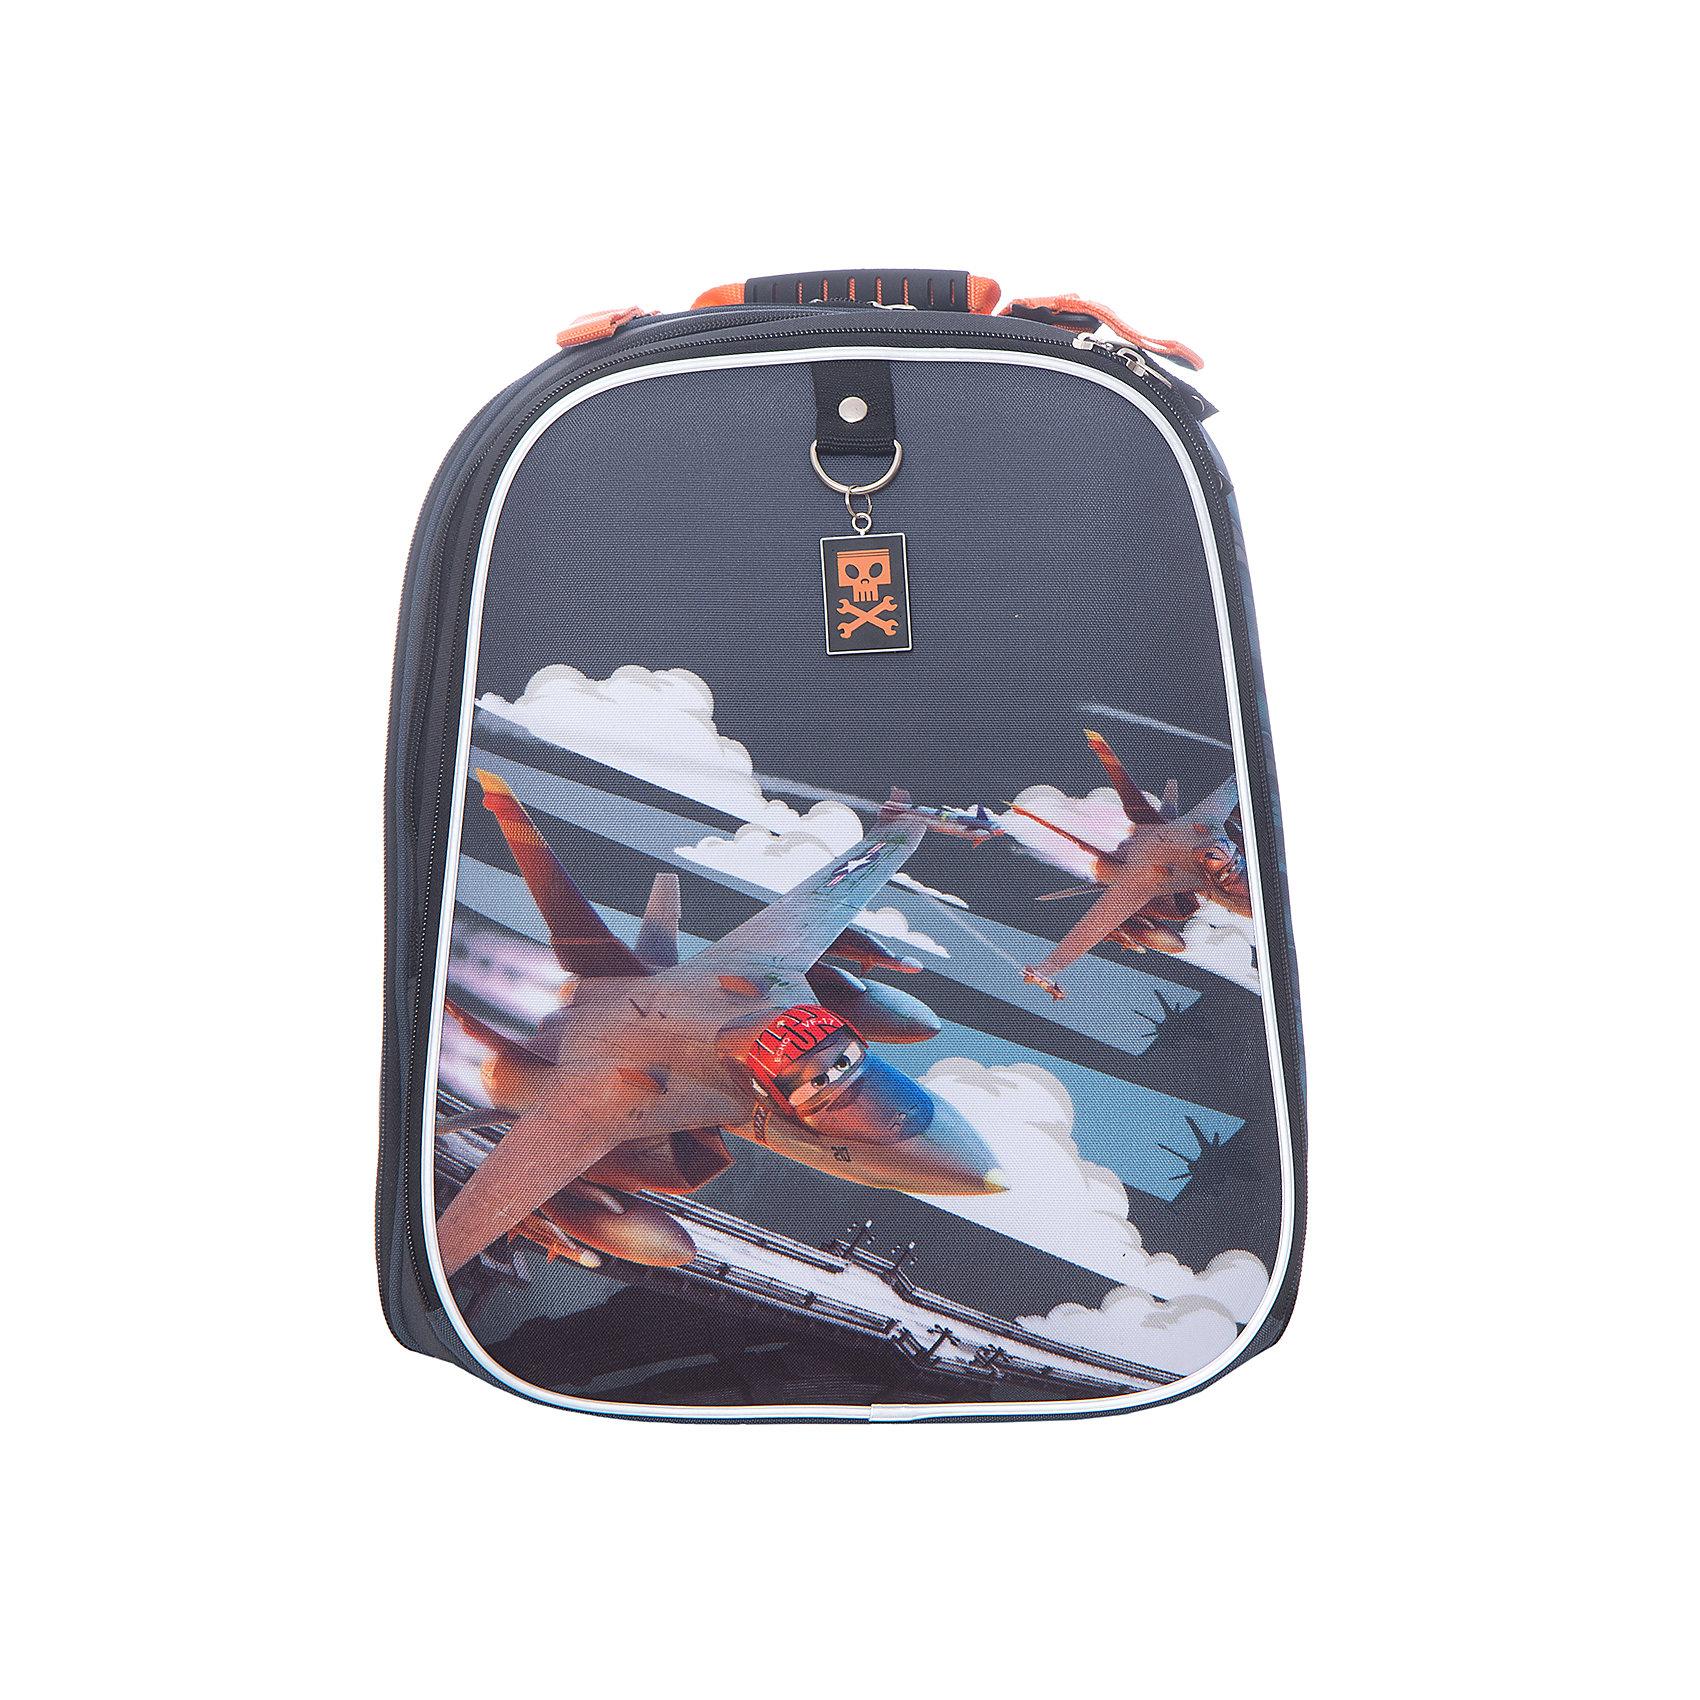 Рюкзак Disney с эргономичной спинкой Flying Planes ( модель Com Style )Самолеты<br><br><br>Ширина мм: 400<br>Глубина мм: 280<br>Высота мм: 170<br>Вес г: 1265<br>Возраст от месяцев: 72<br>Возраст до месяцев: 108<br>Пол: Мужской<br>Возраст: Детский<br>SKU: 6878896